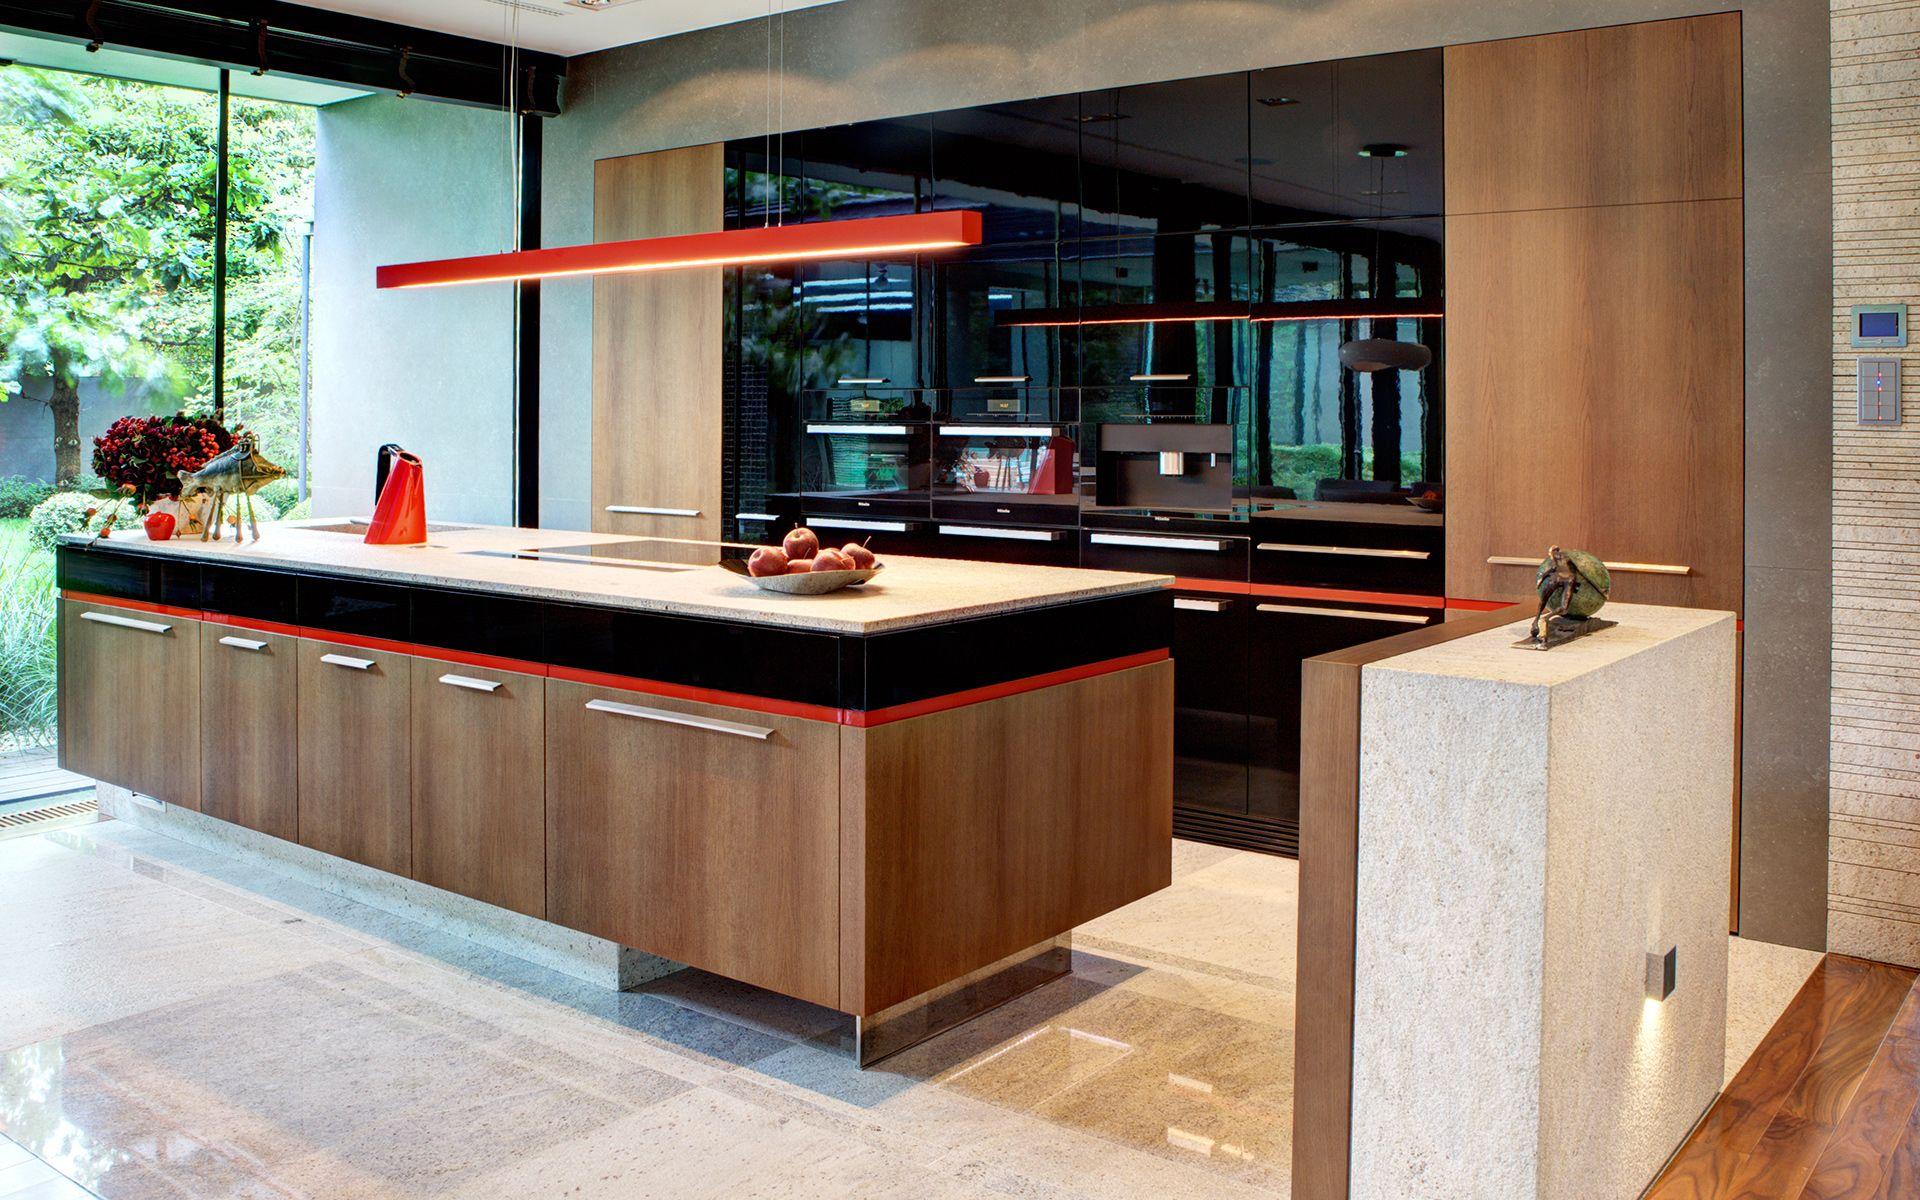 Luksusowe Kuchnie Na Zamowienie Rezydencja Komorow Kitchen Inspirations Home Decor Decor